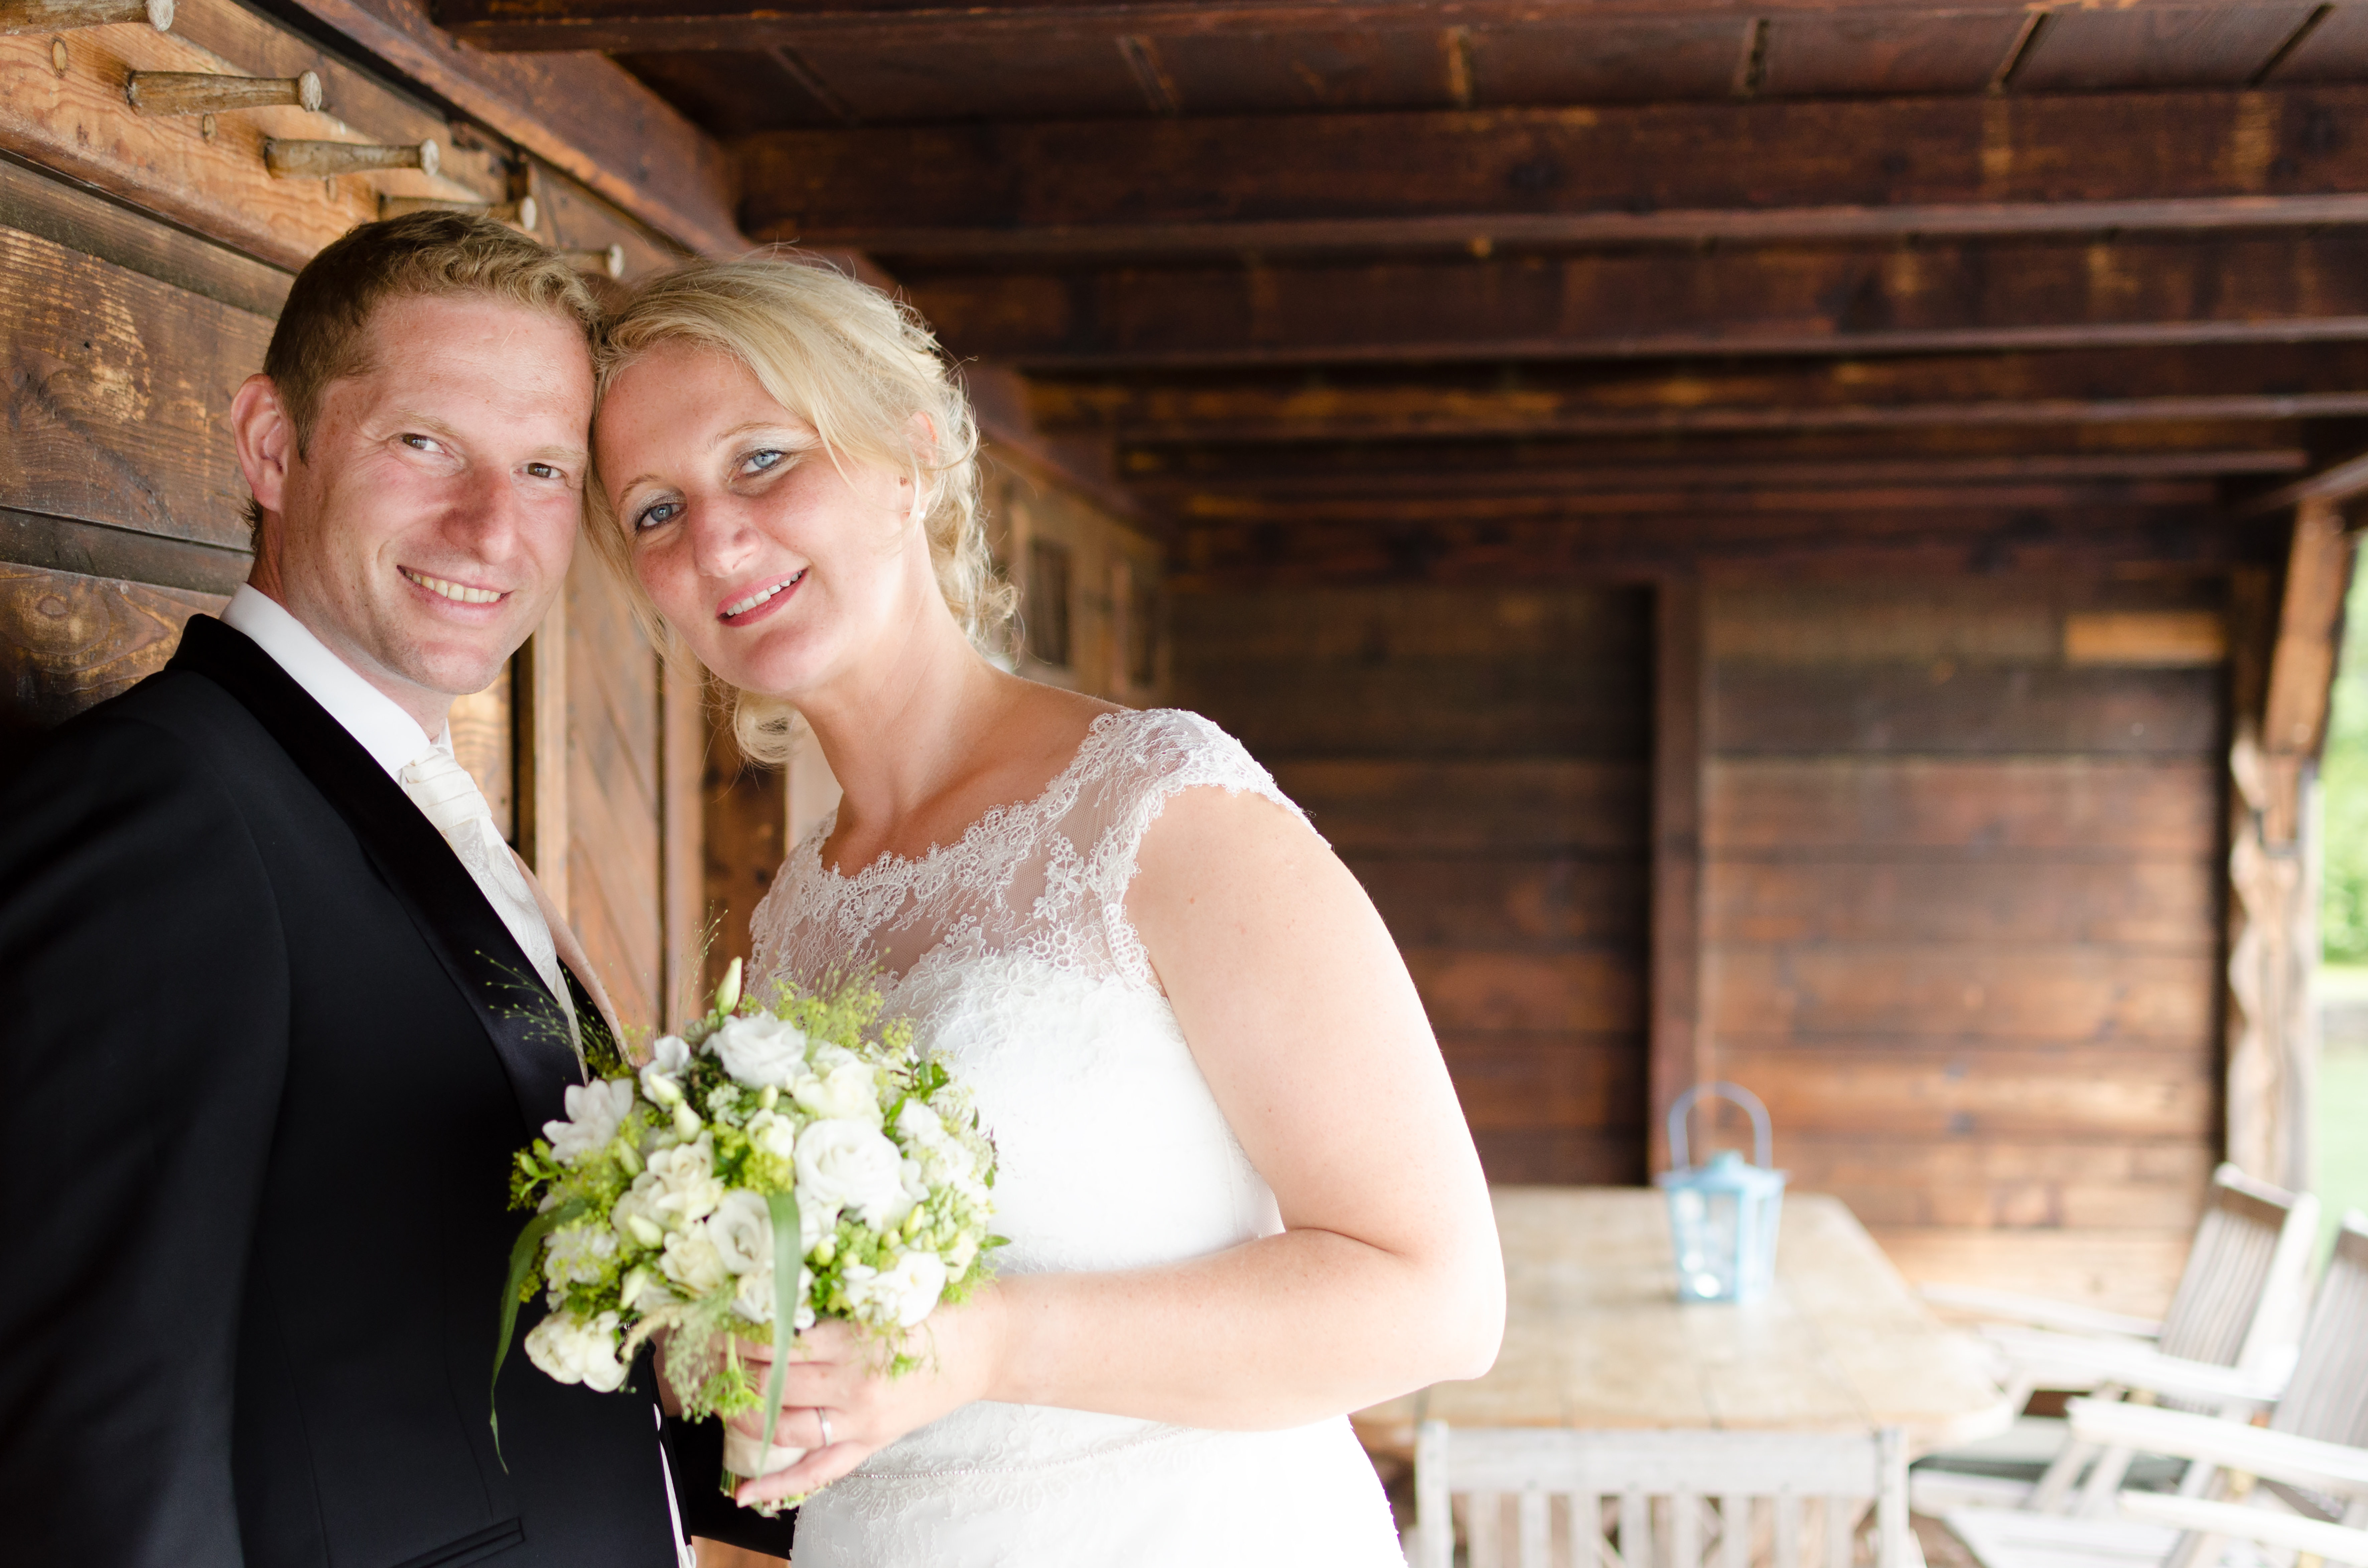 Christine&Gerhard_Hochzeit_Portrait_140_StephanSchreinerPhotography Kopie